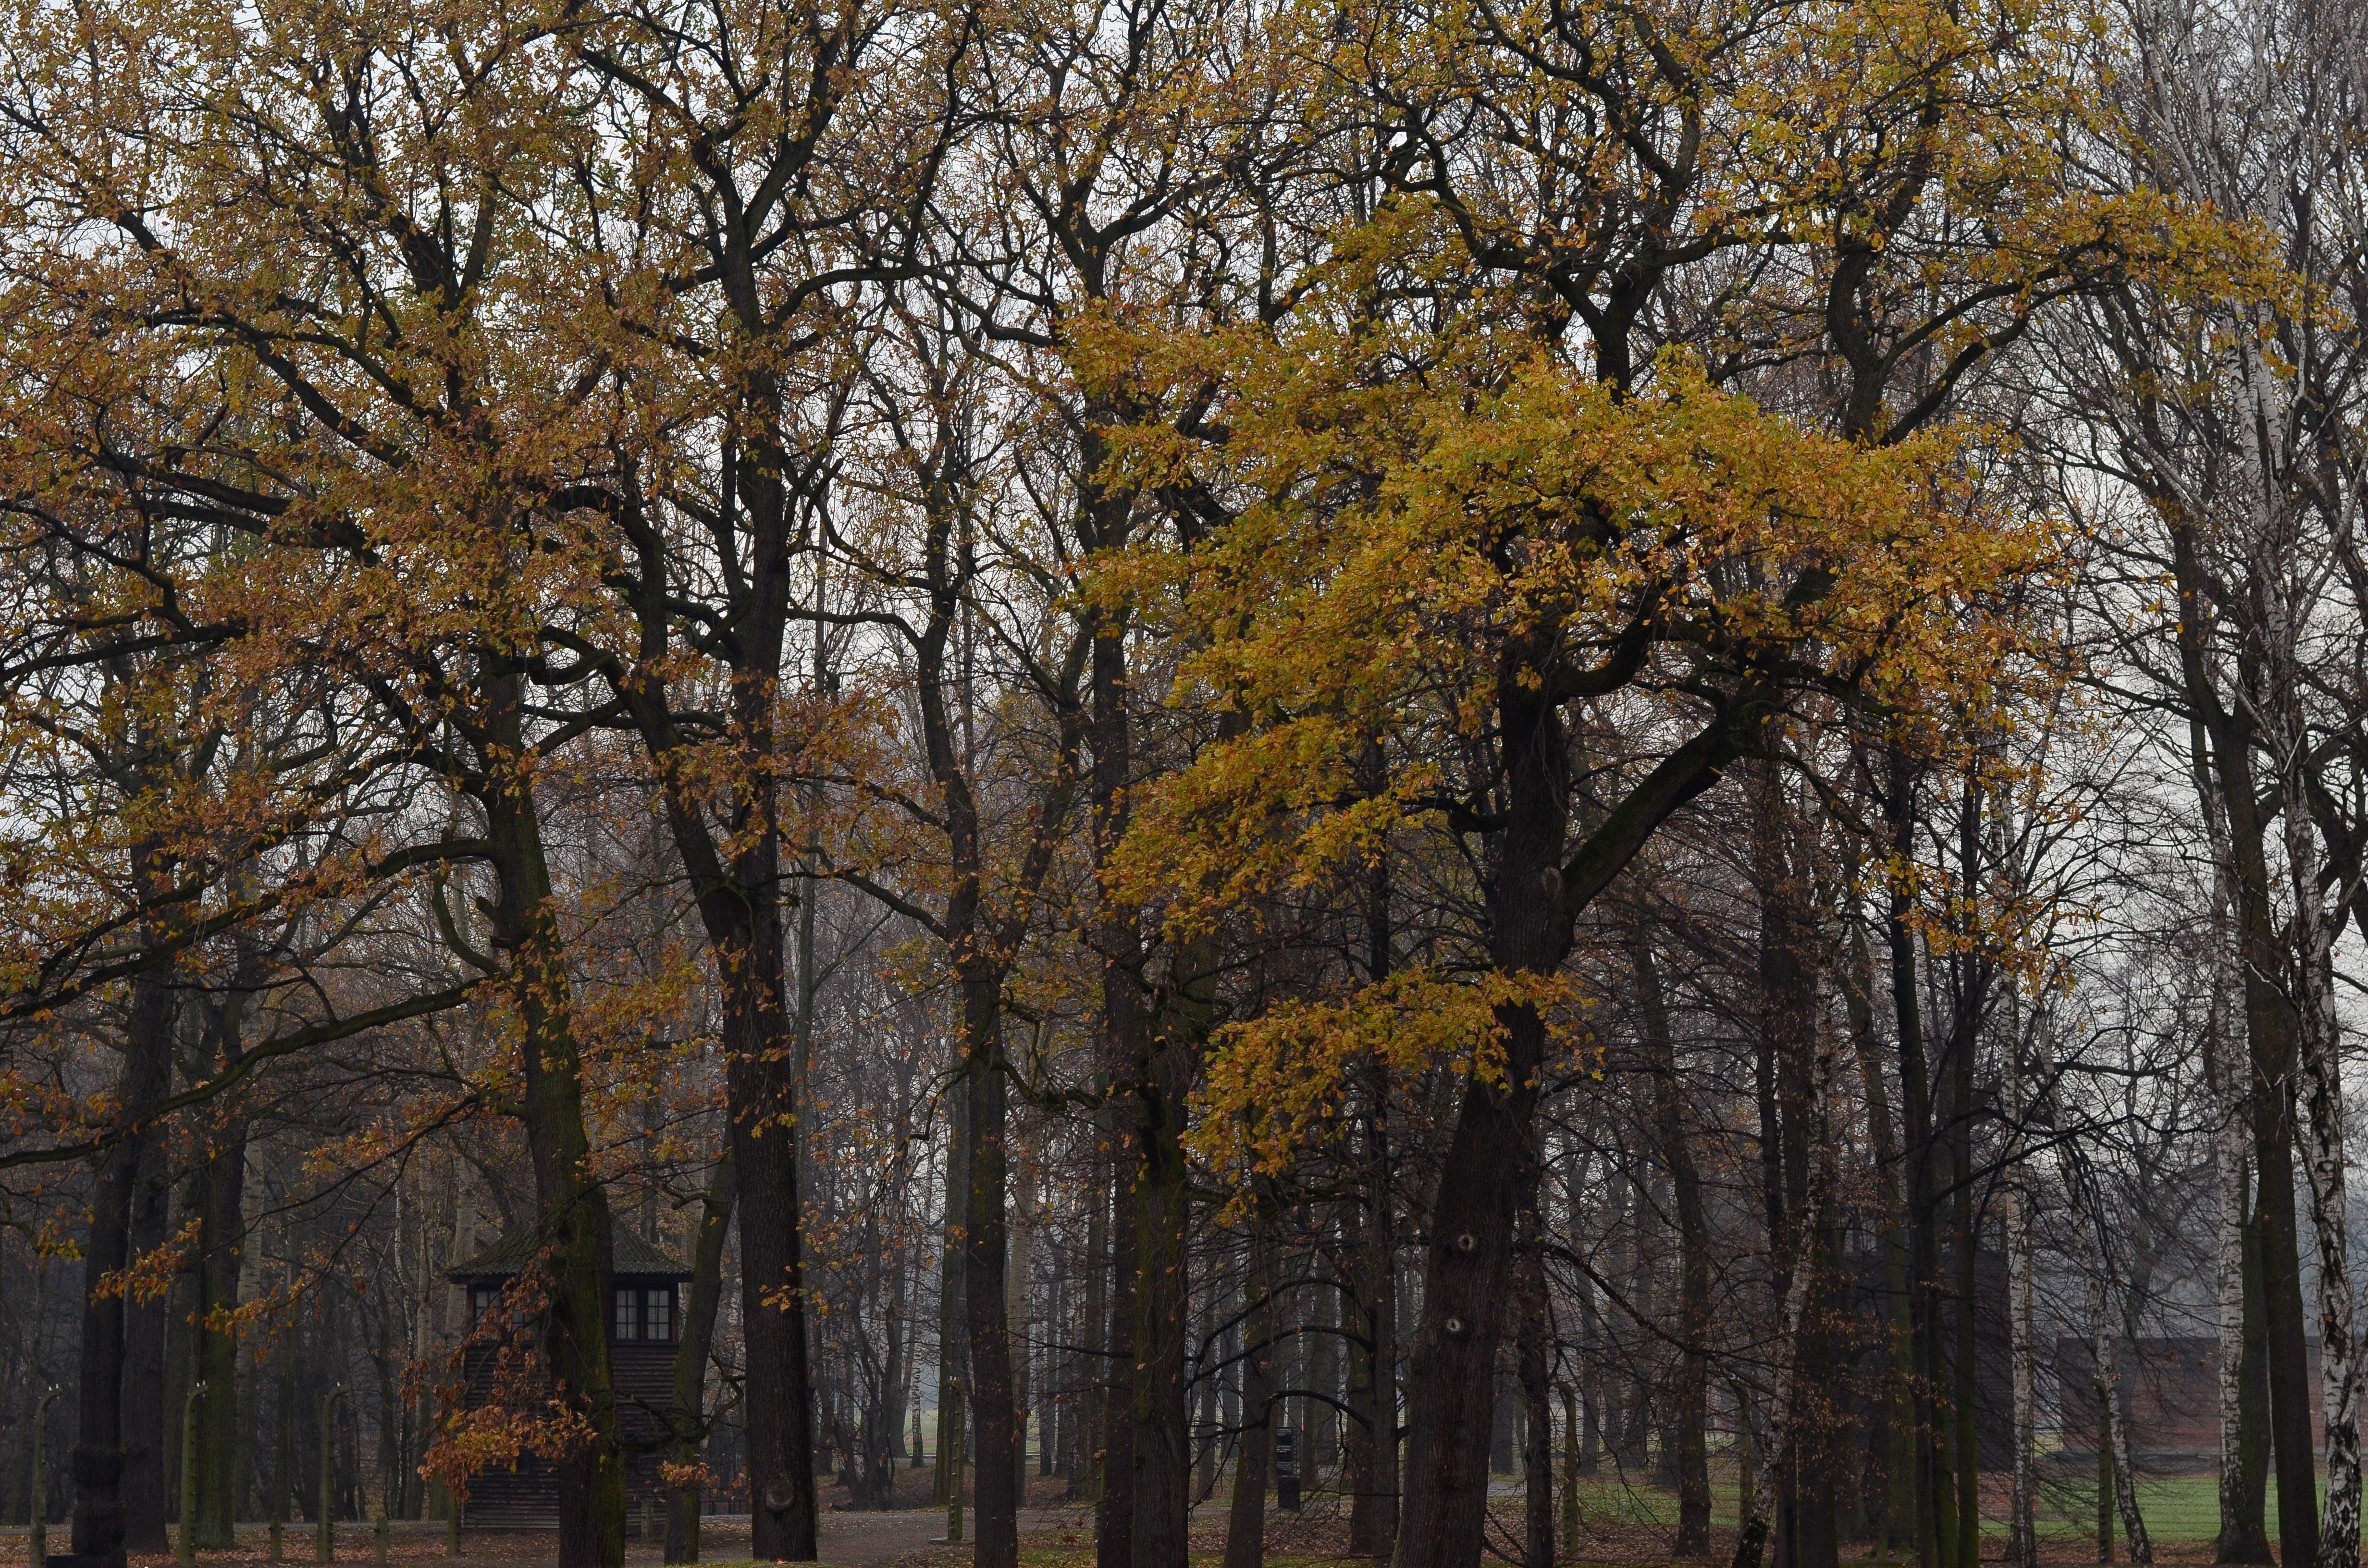 ağaçlar, çevre, gün ışığı içeren Ücretsiz stok fotoğraf